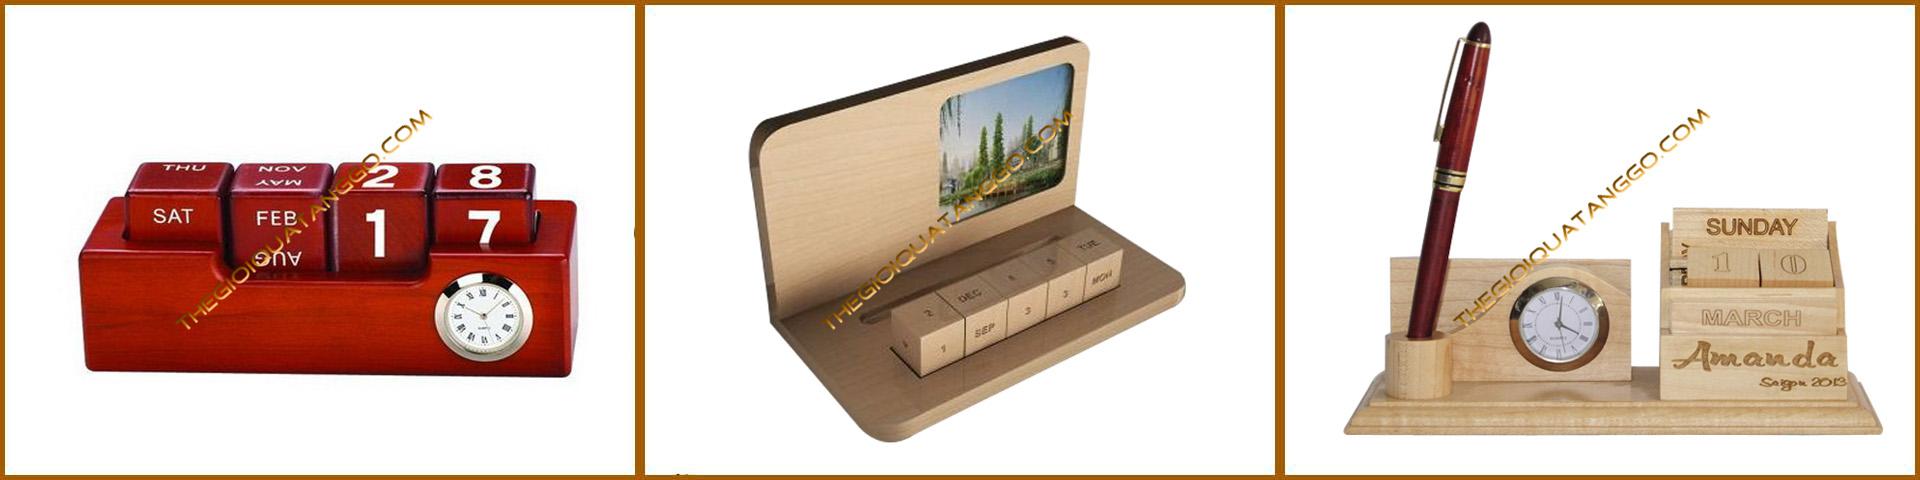 Lịch gỗ để bàn trang trí tp hcm 4